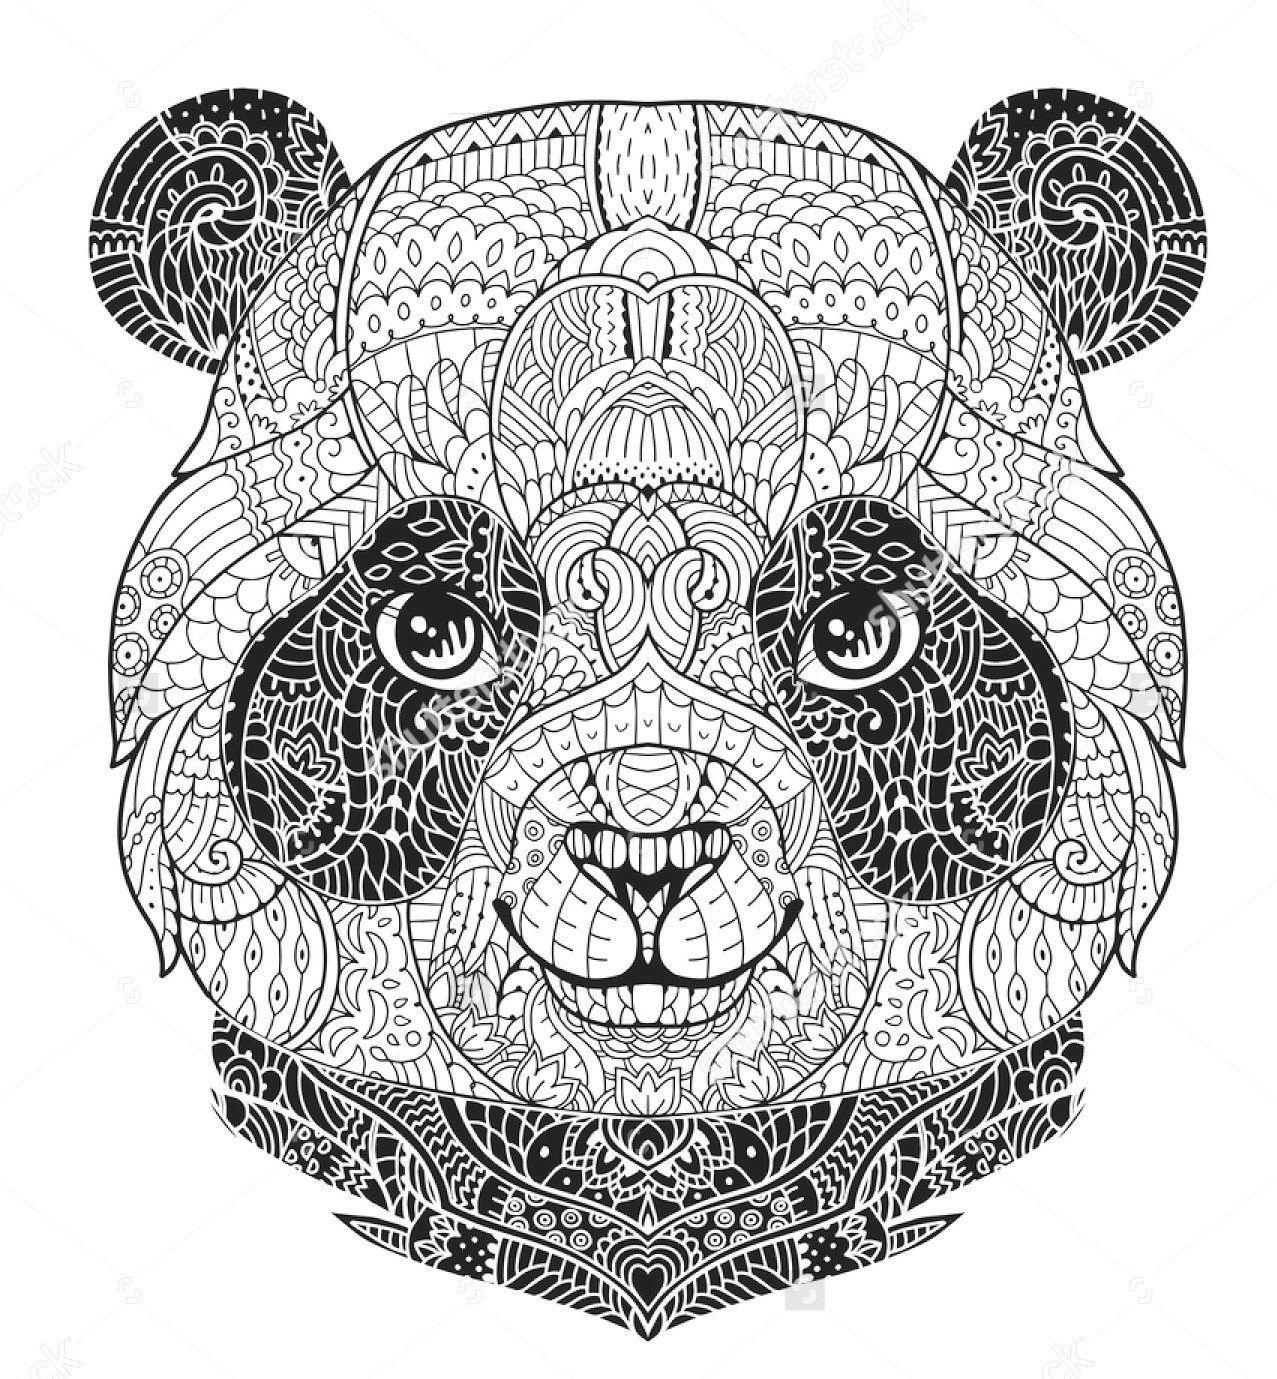 coloring panda free printable panda coloring pages for kids panda coloring